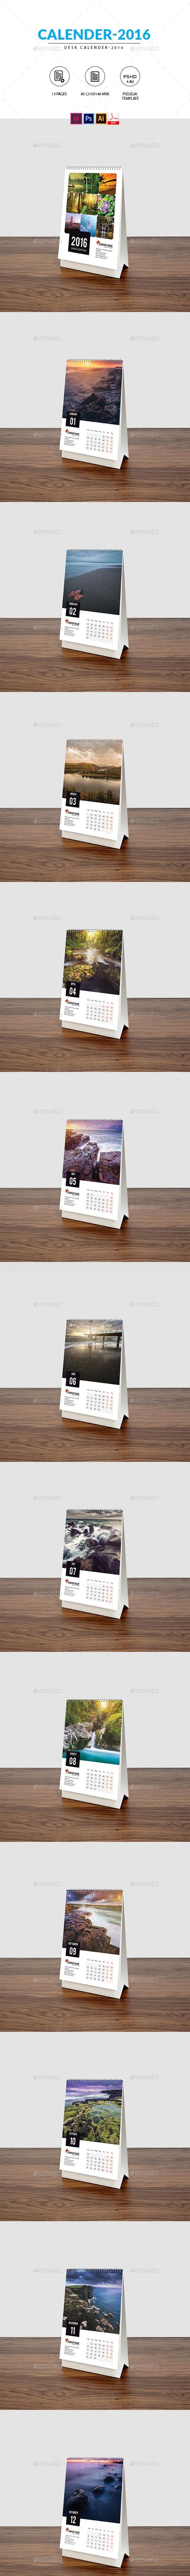 Desk Calendar 2016 - Calendars Stationery